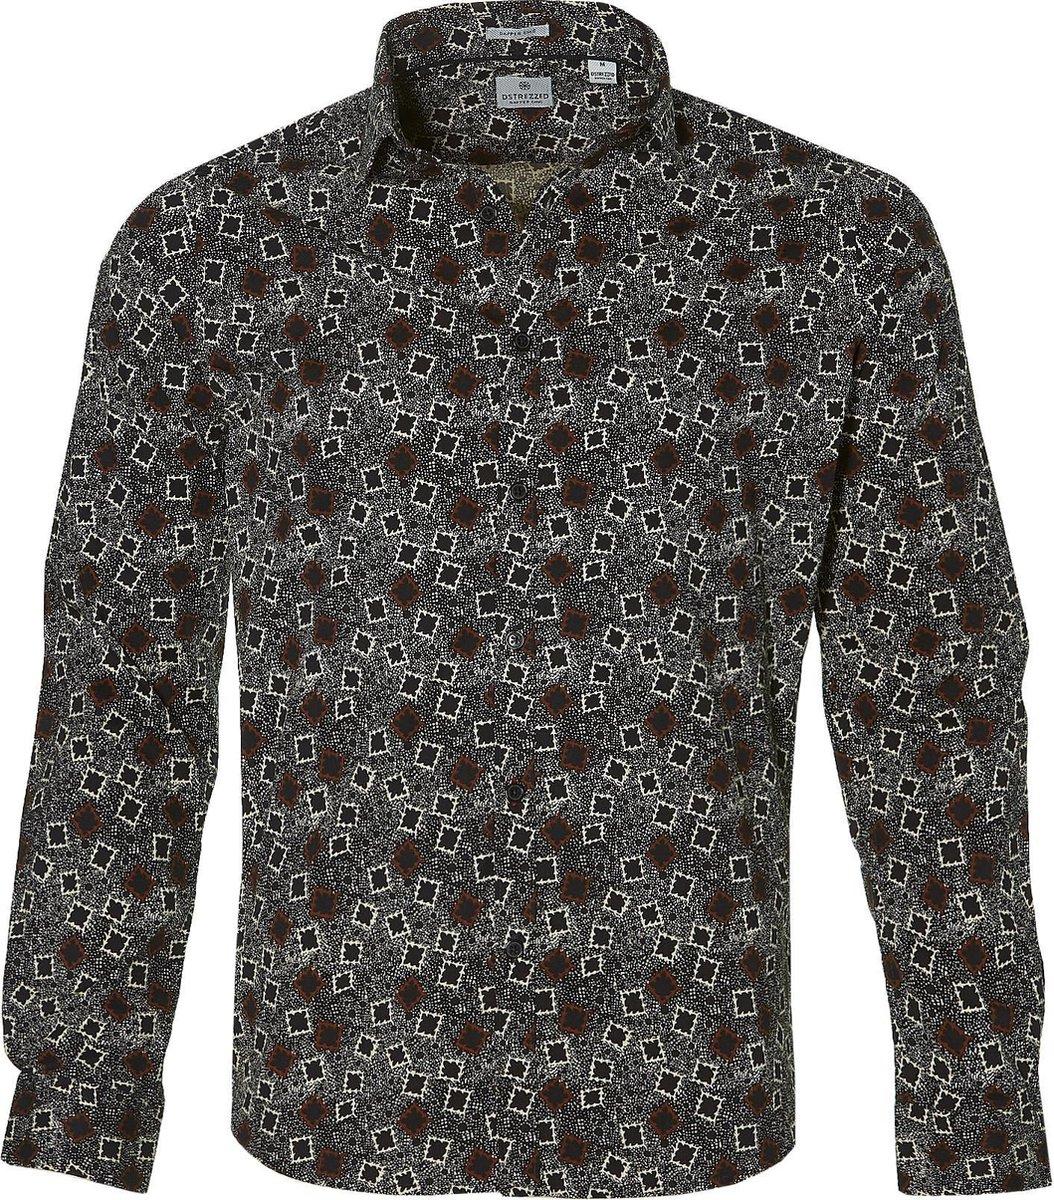 Dstrezzed Overhemd - Slim Fit - Bruin - 3XL Grote Maten